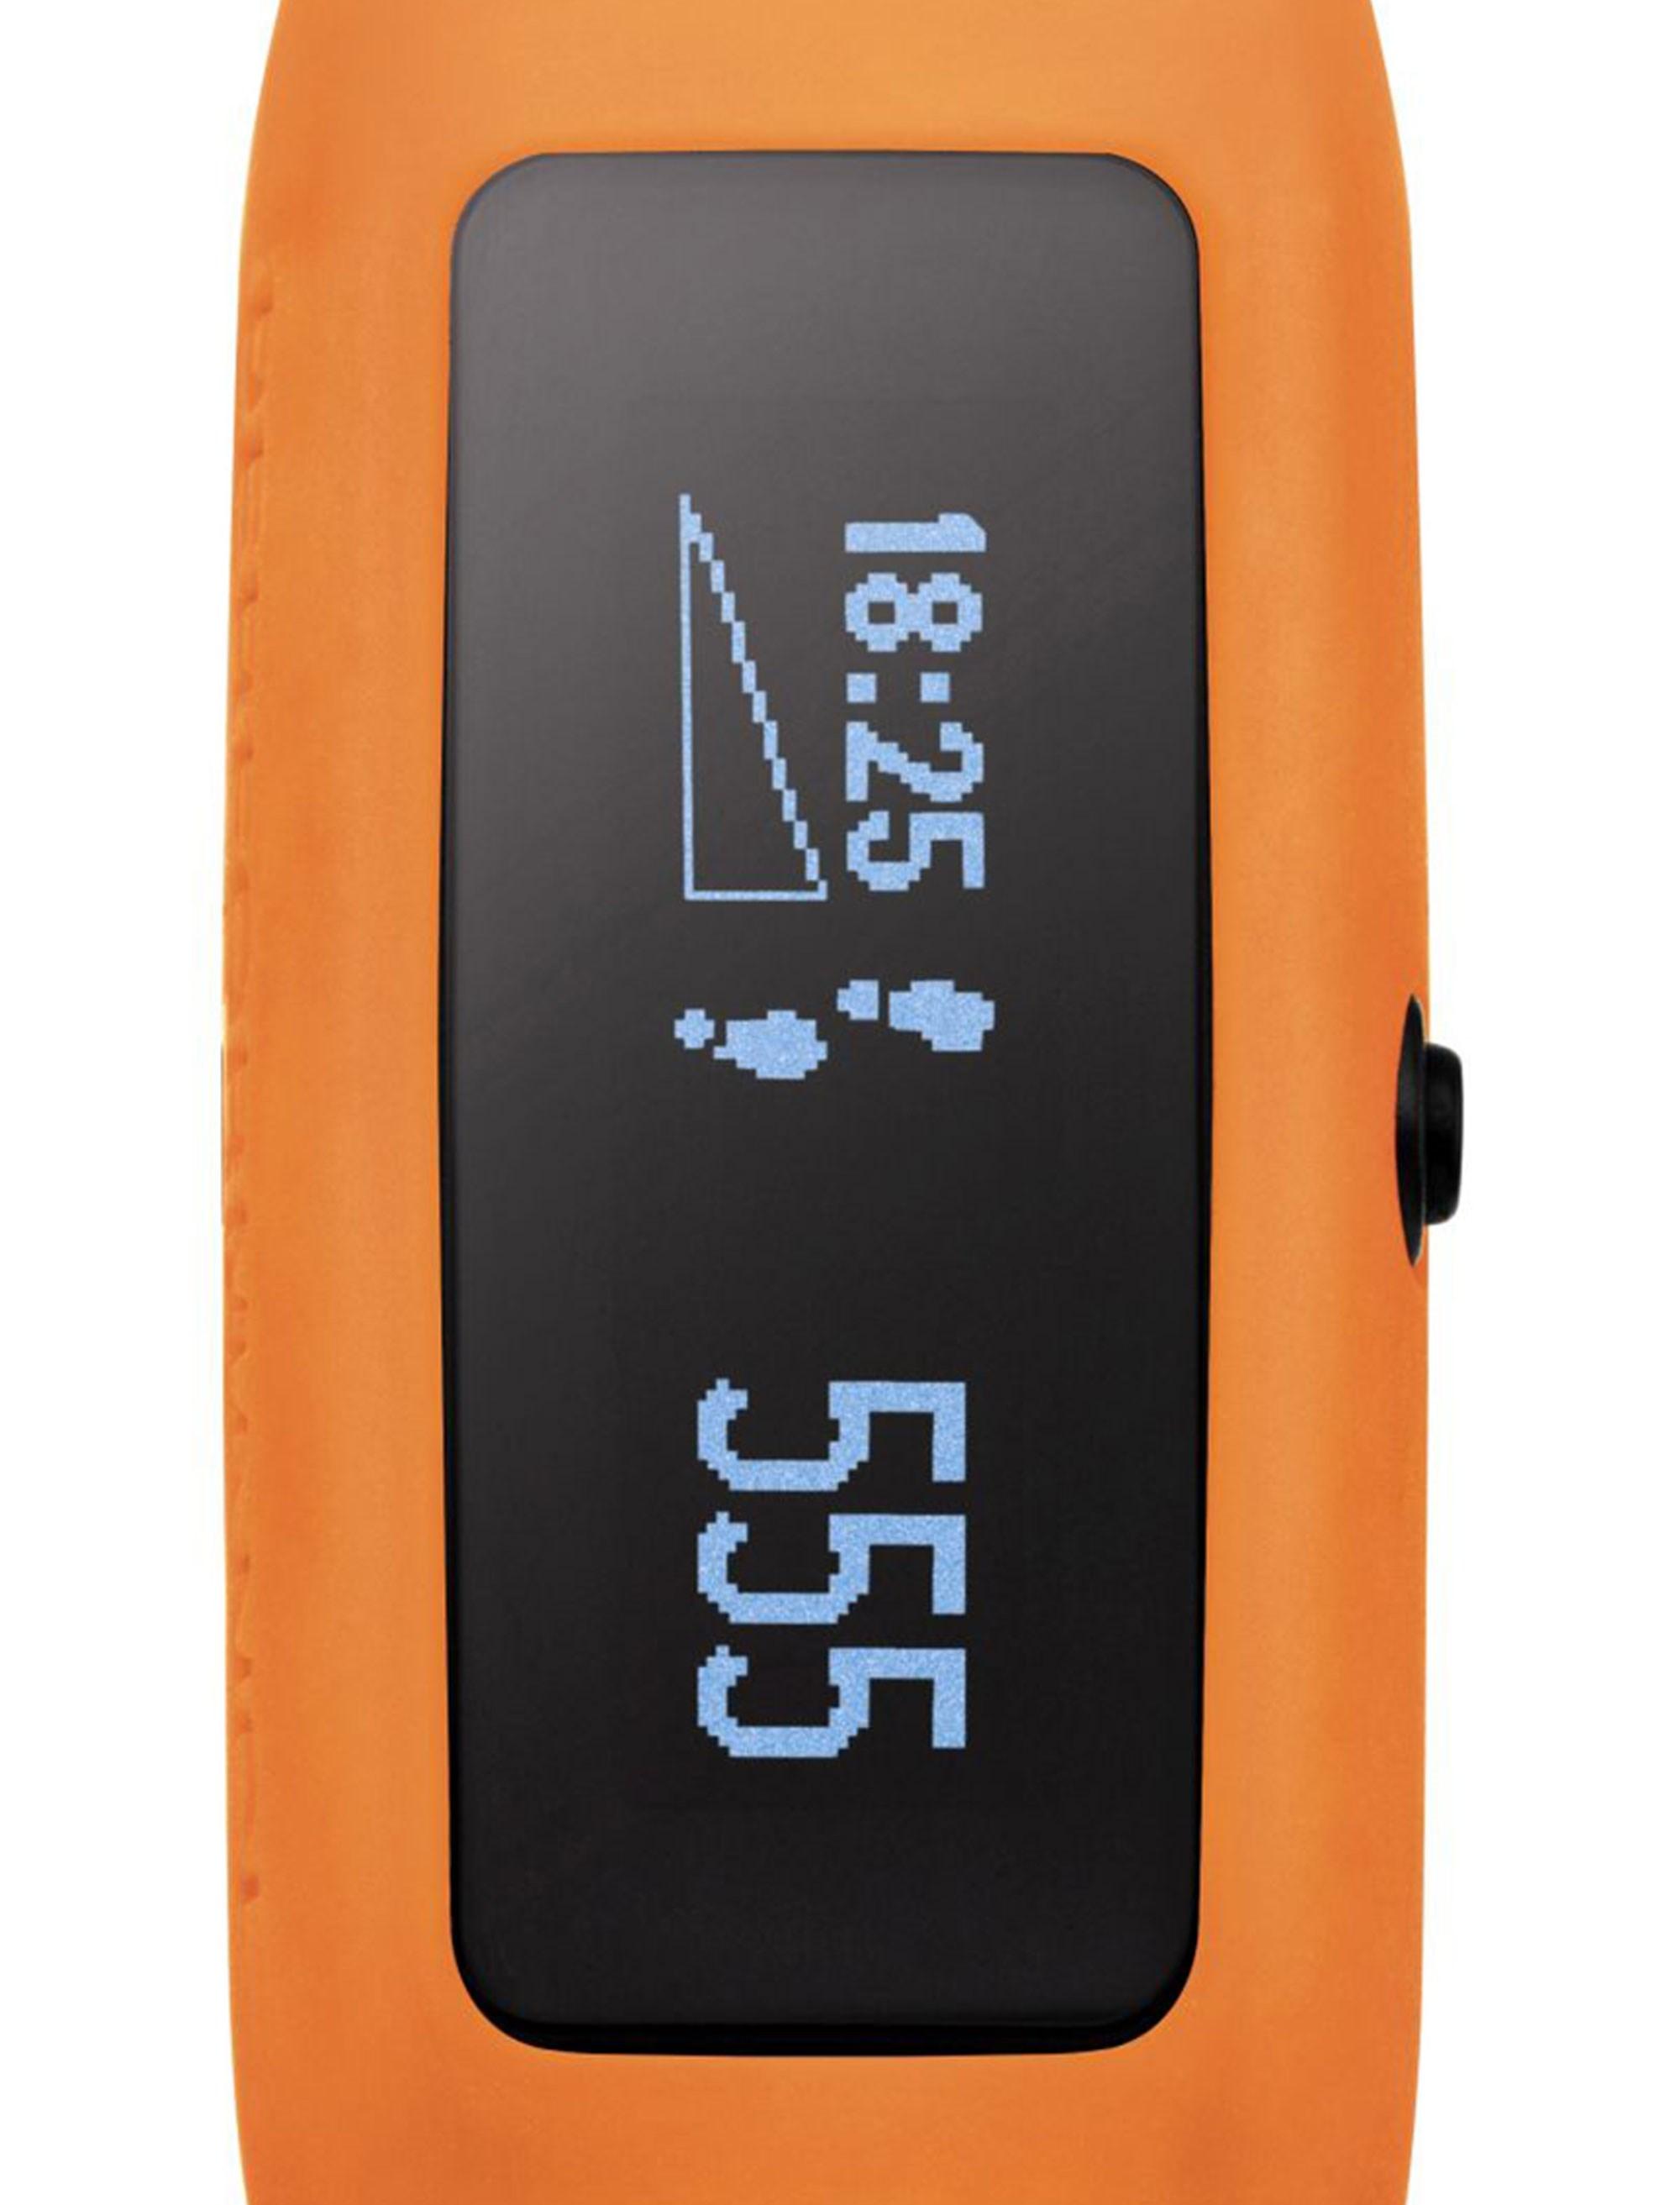 ساعت مچی هوشمند مردانه - نارنجي   - 2